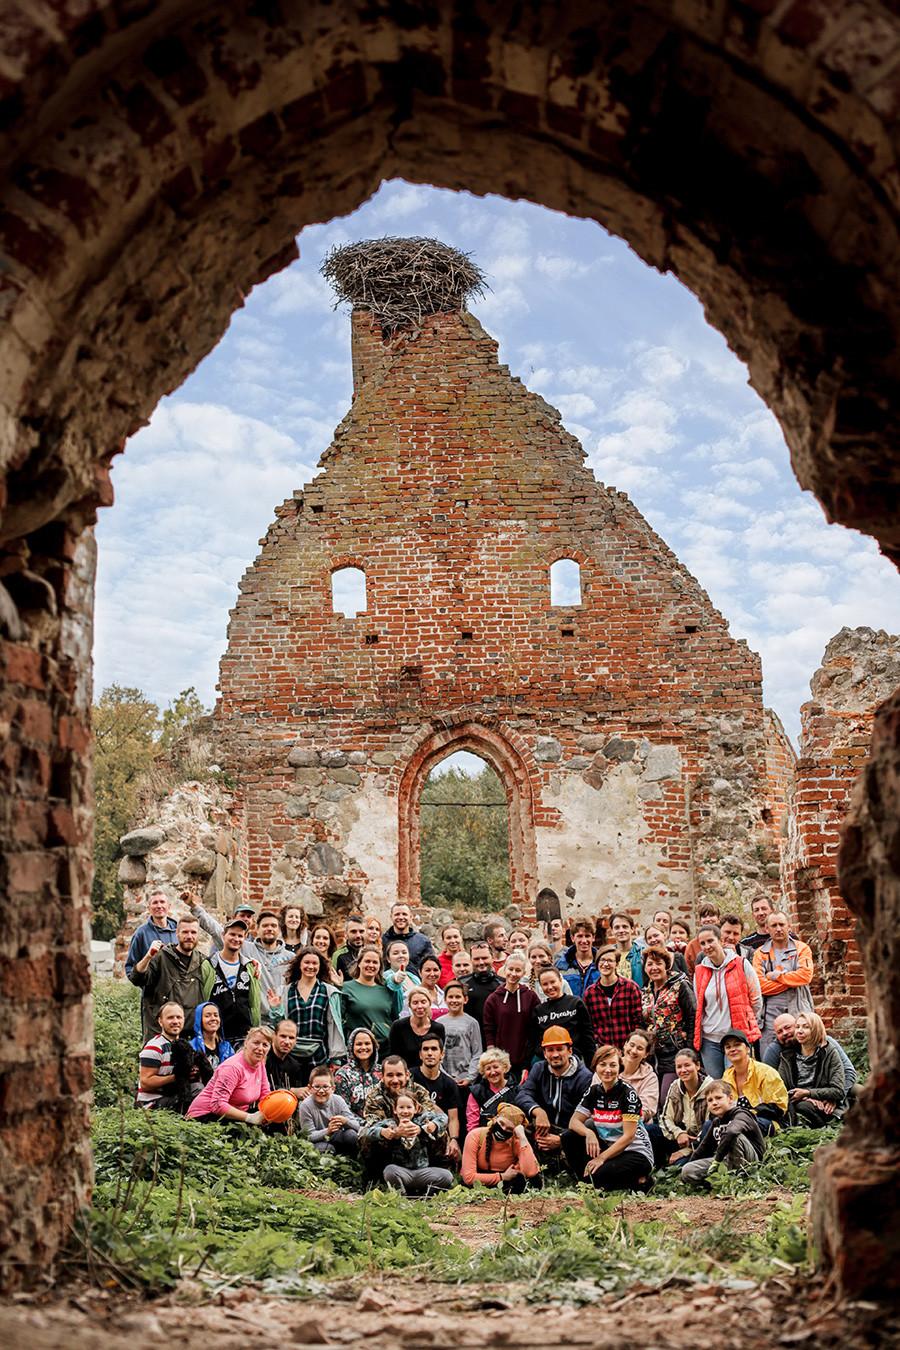 Волонтеры на руинах Кирхи Лихтенхагена в Яблоневке